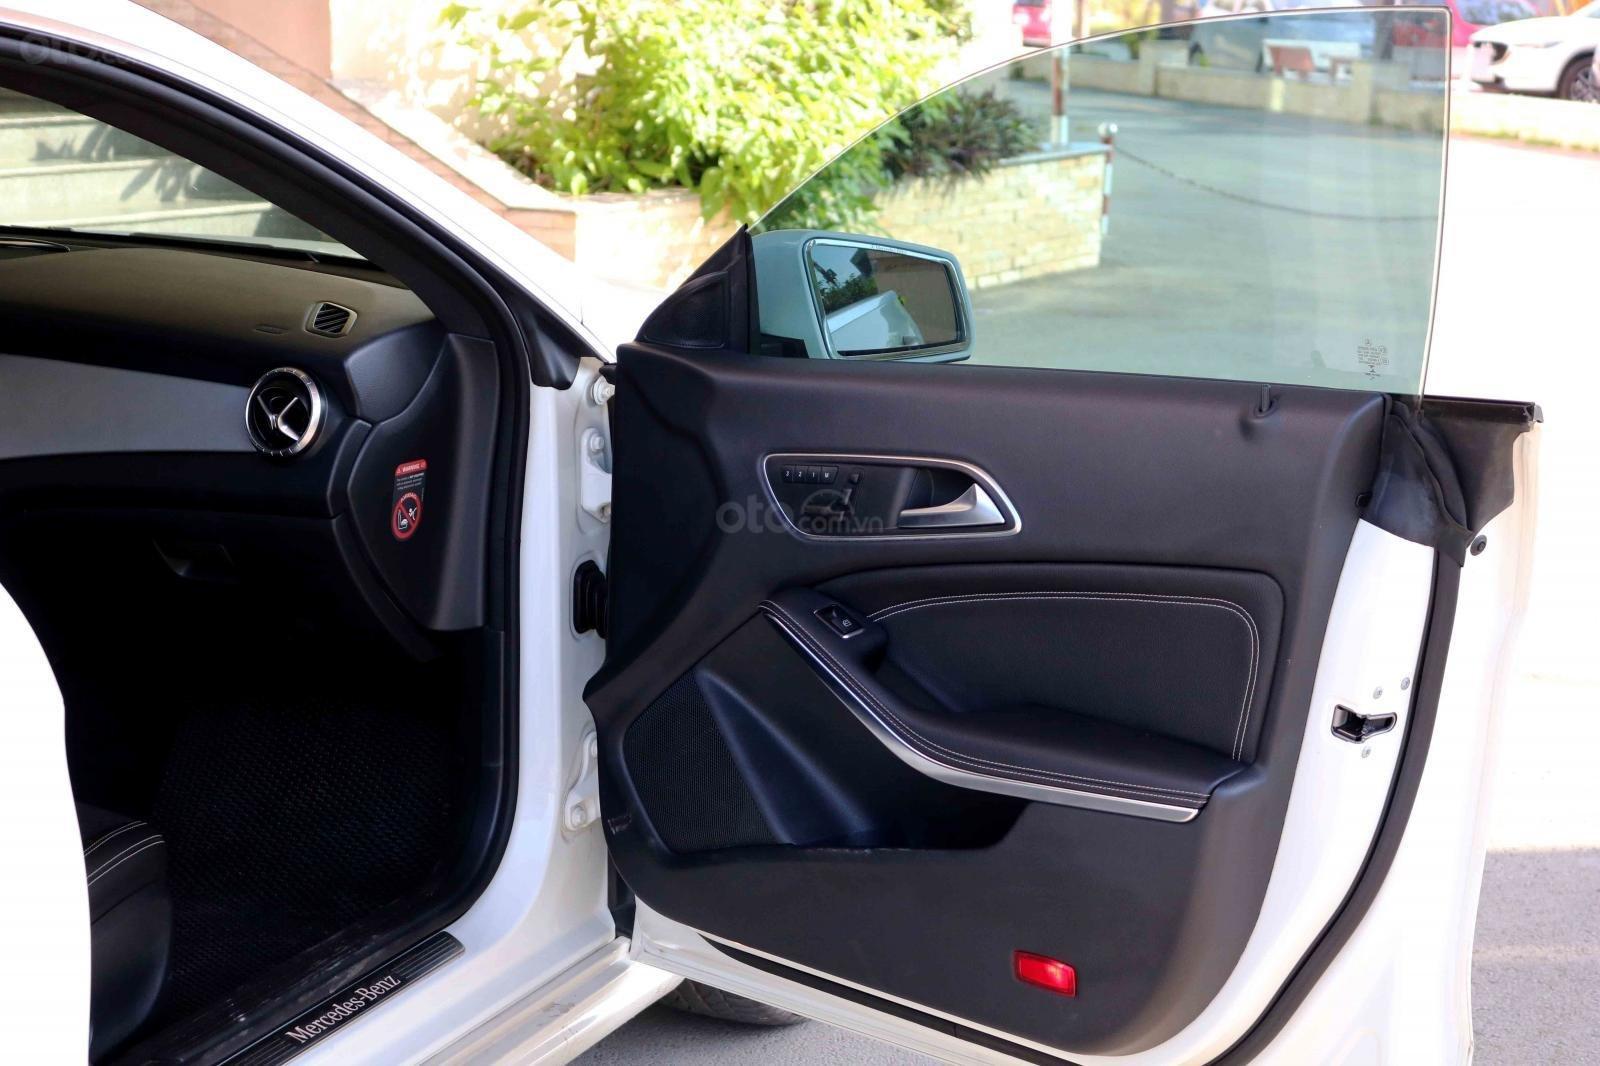 Bán xe Mercedes CLA200 sản xuất 2016, đã đi 31000km, còn rất mới-8